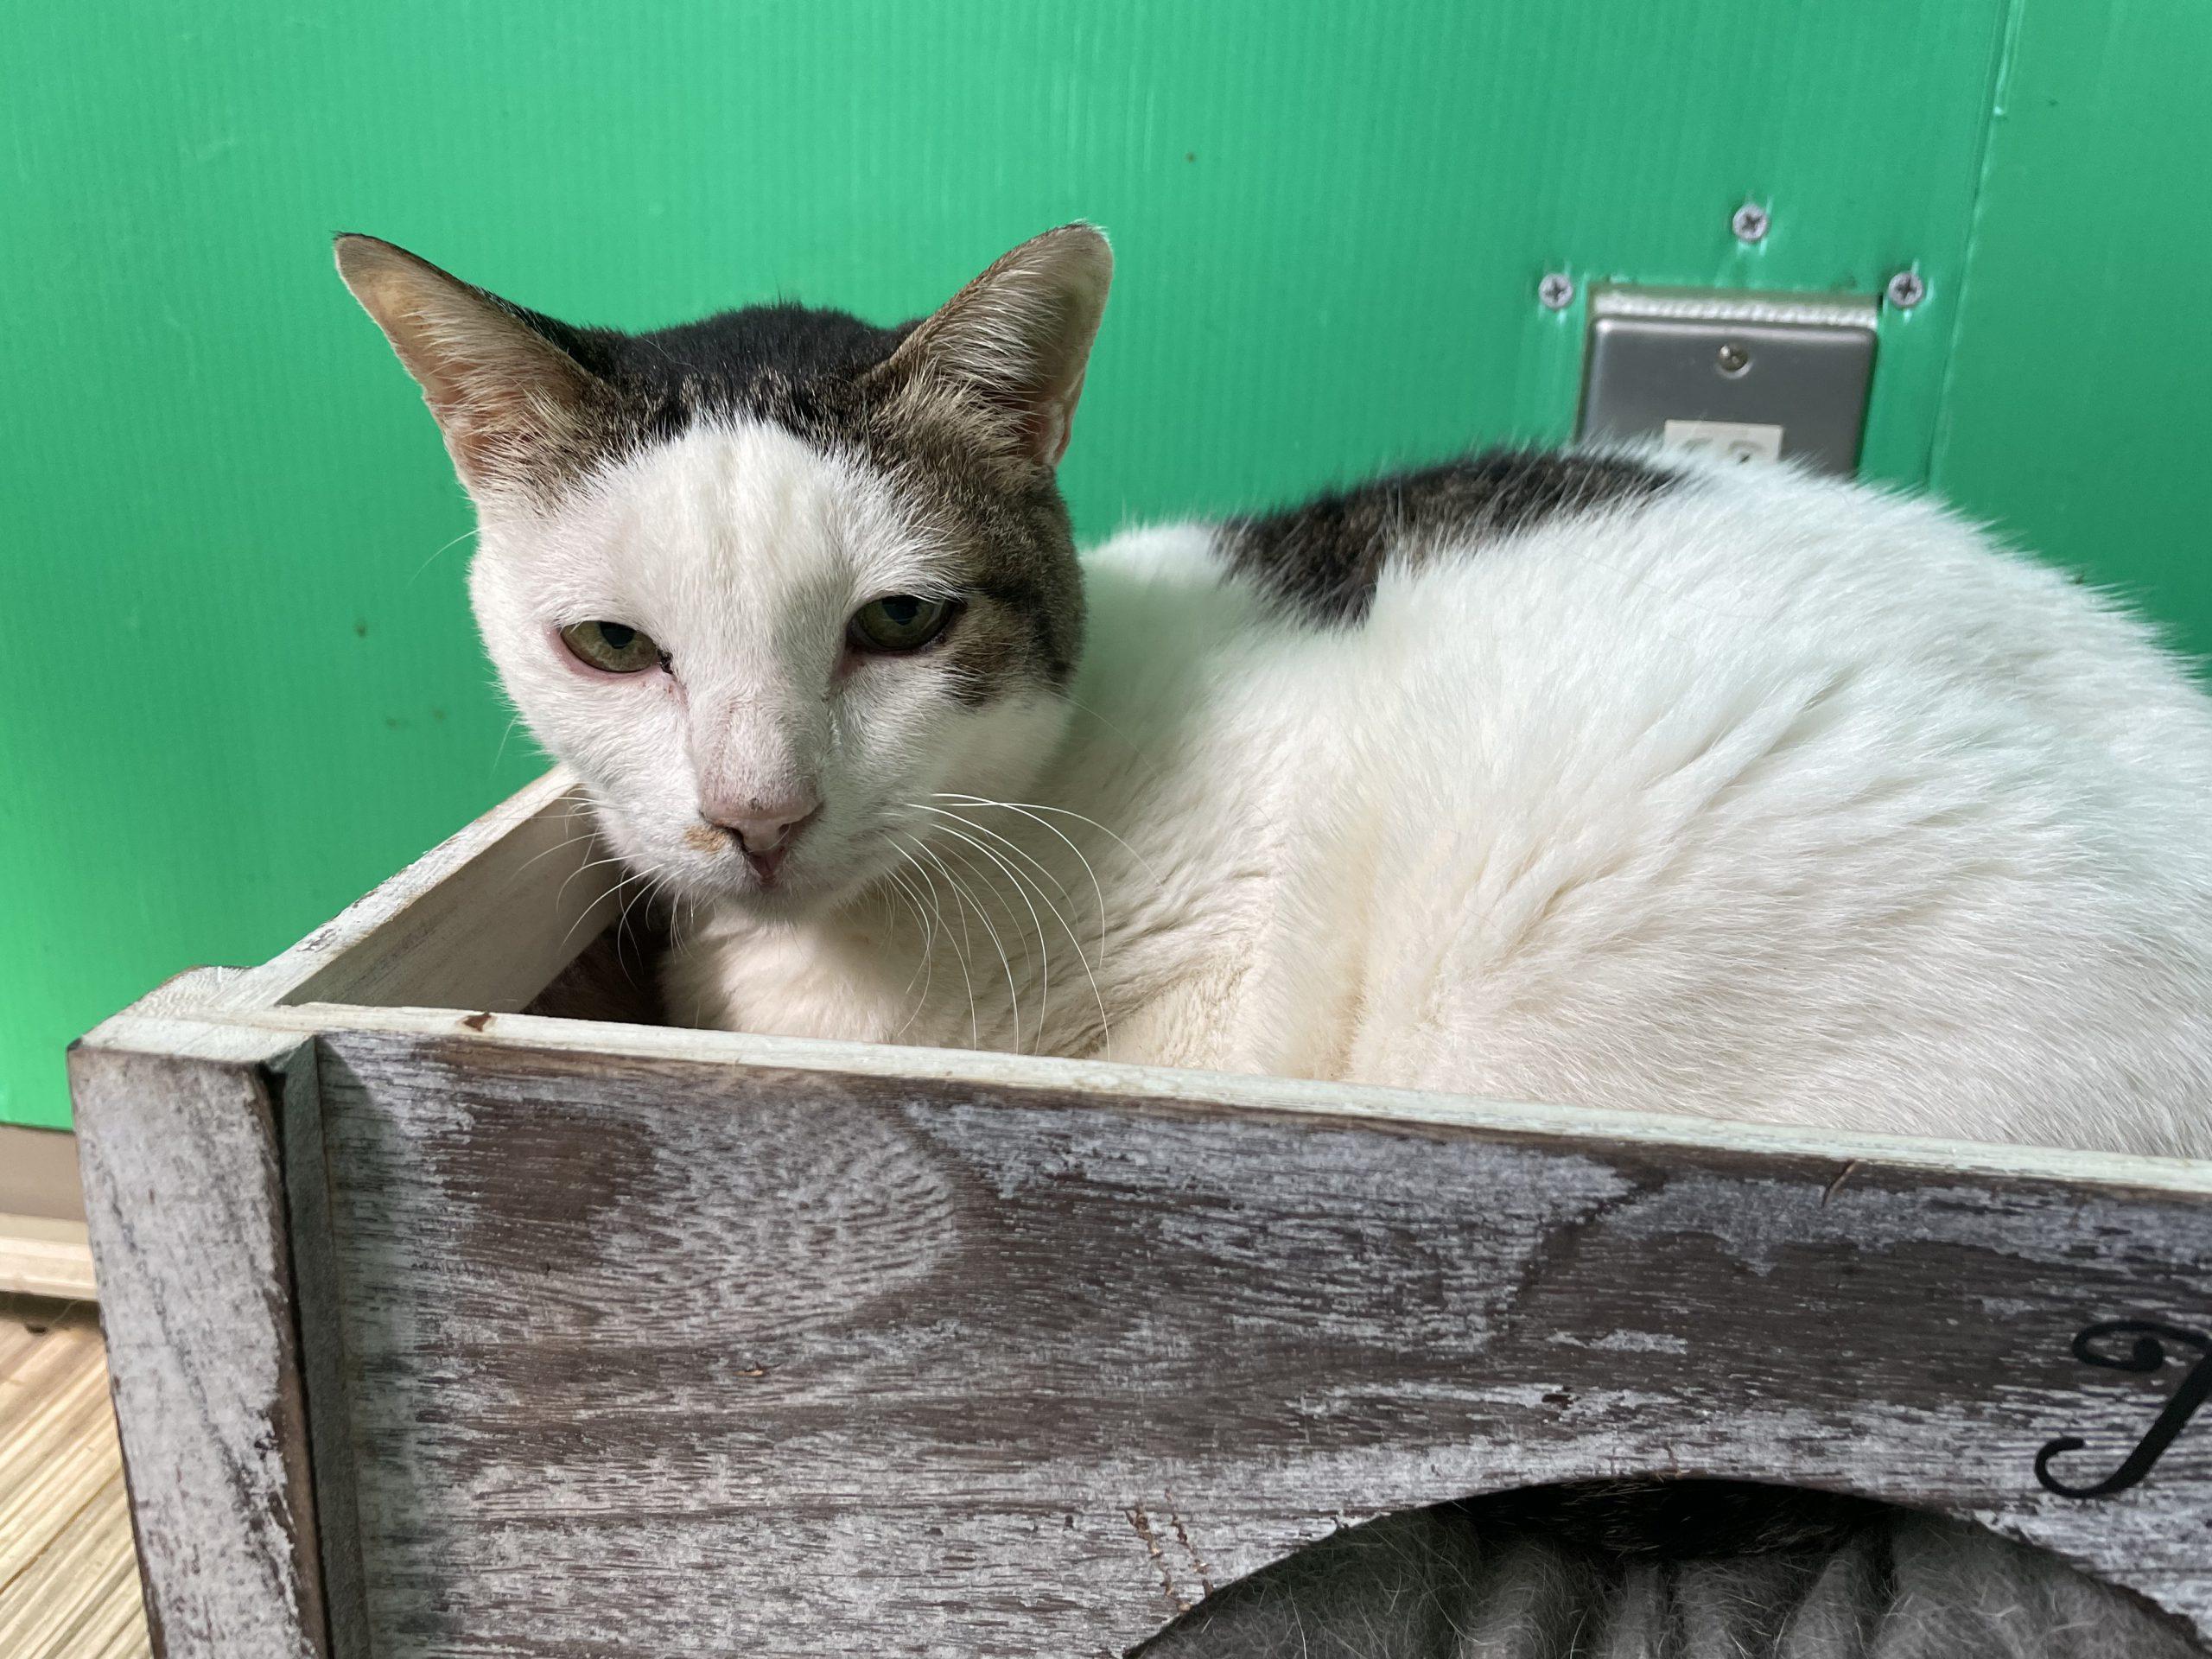 <ul> <li>猫種:日本猫  キジトラ白</li> <li>性別:女の子</li> <li>名前:珠</li> <li>年齢:2018年生まれ</li> <li>保護経緯:保護をしたが飼えないため里親を探してほしいとのことでセンターに来ました。</li> </ul>